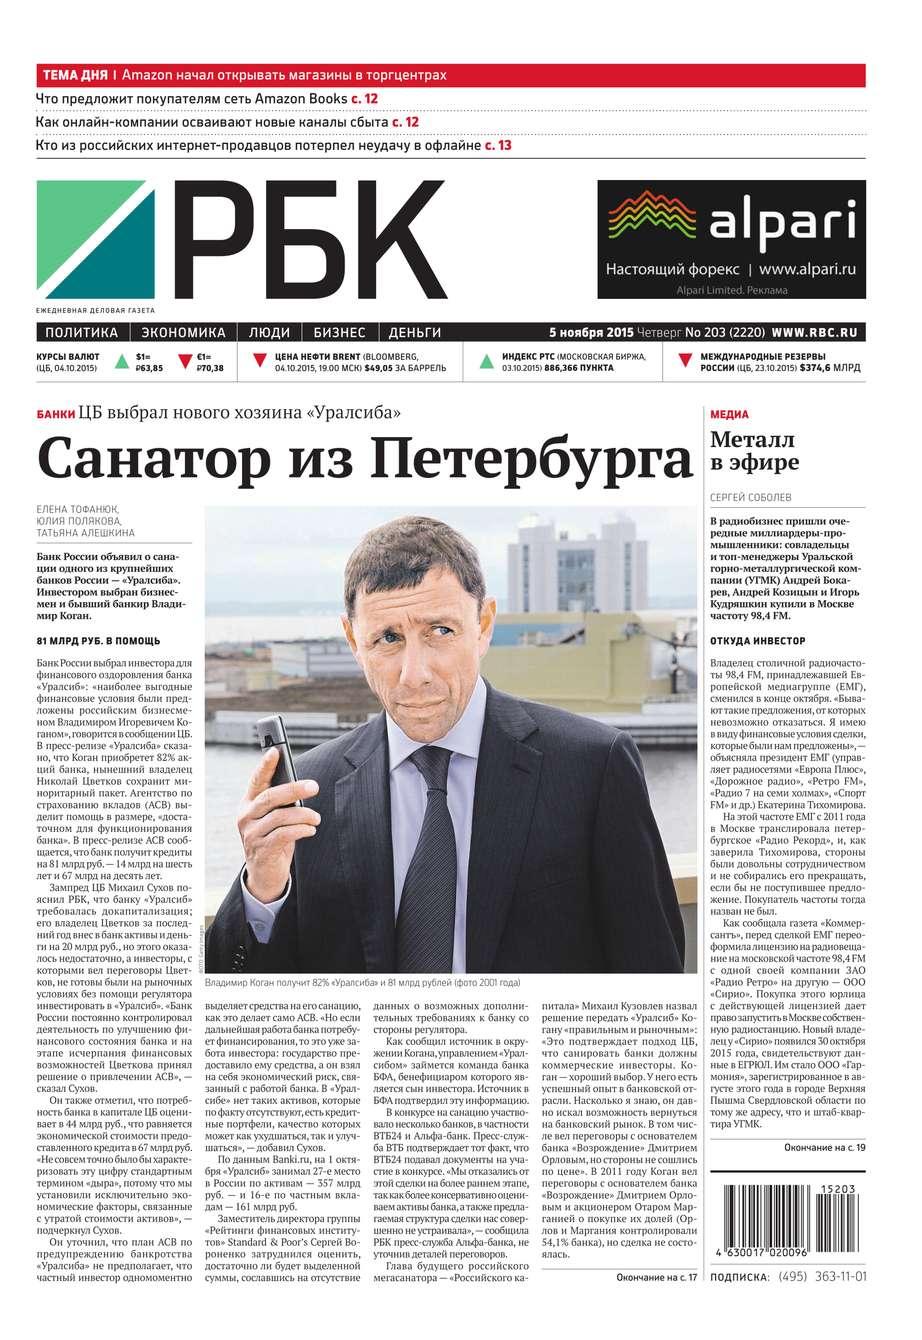 Ежедневная деловая газета РБК 203-2015